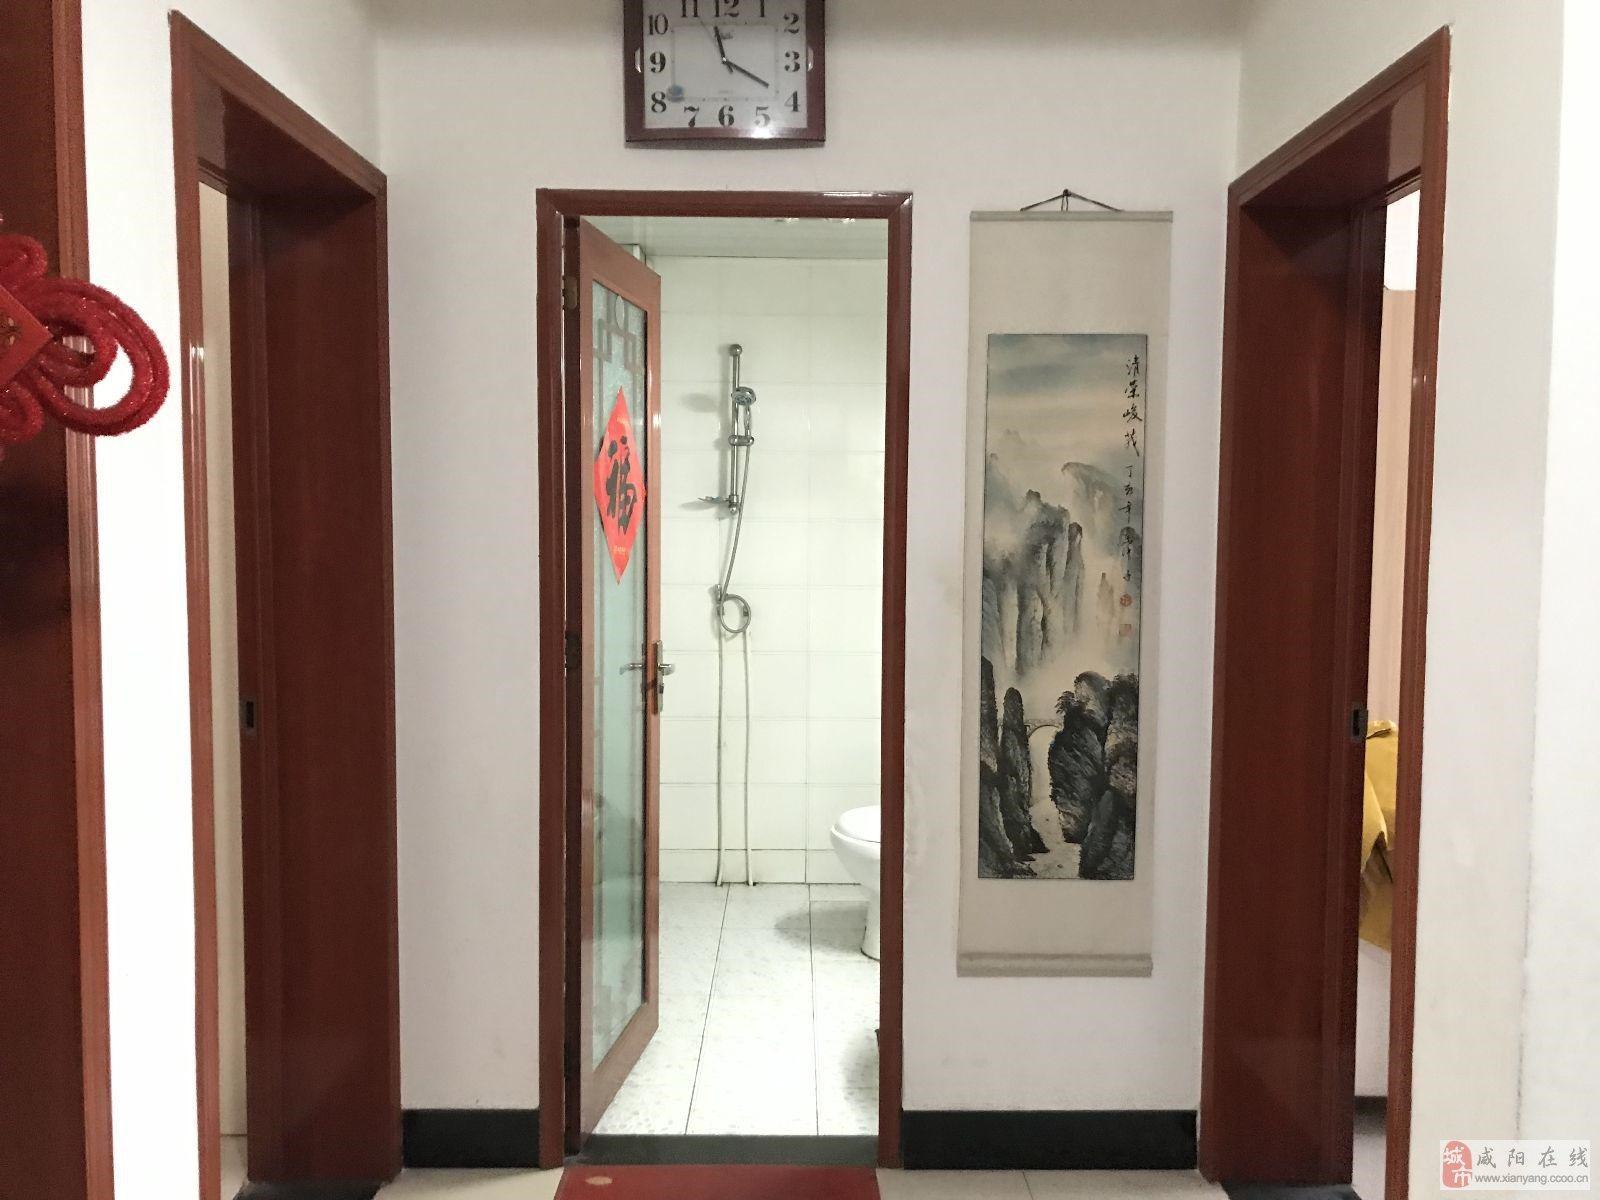 世纪大道安谷园两室两厅交易还送地下室